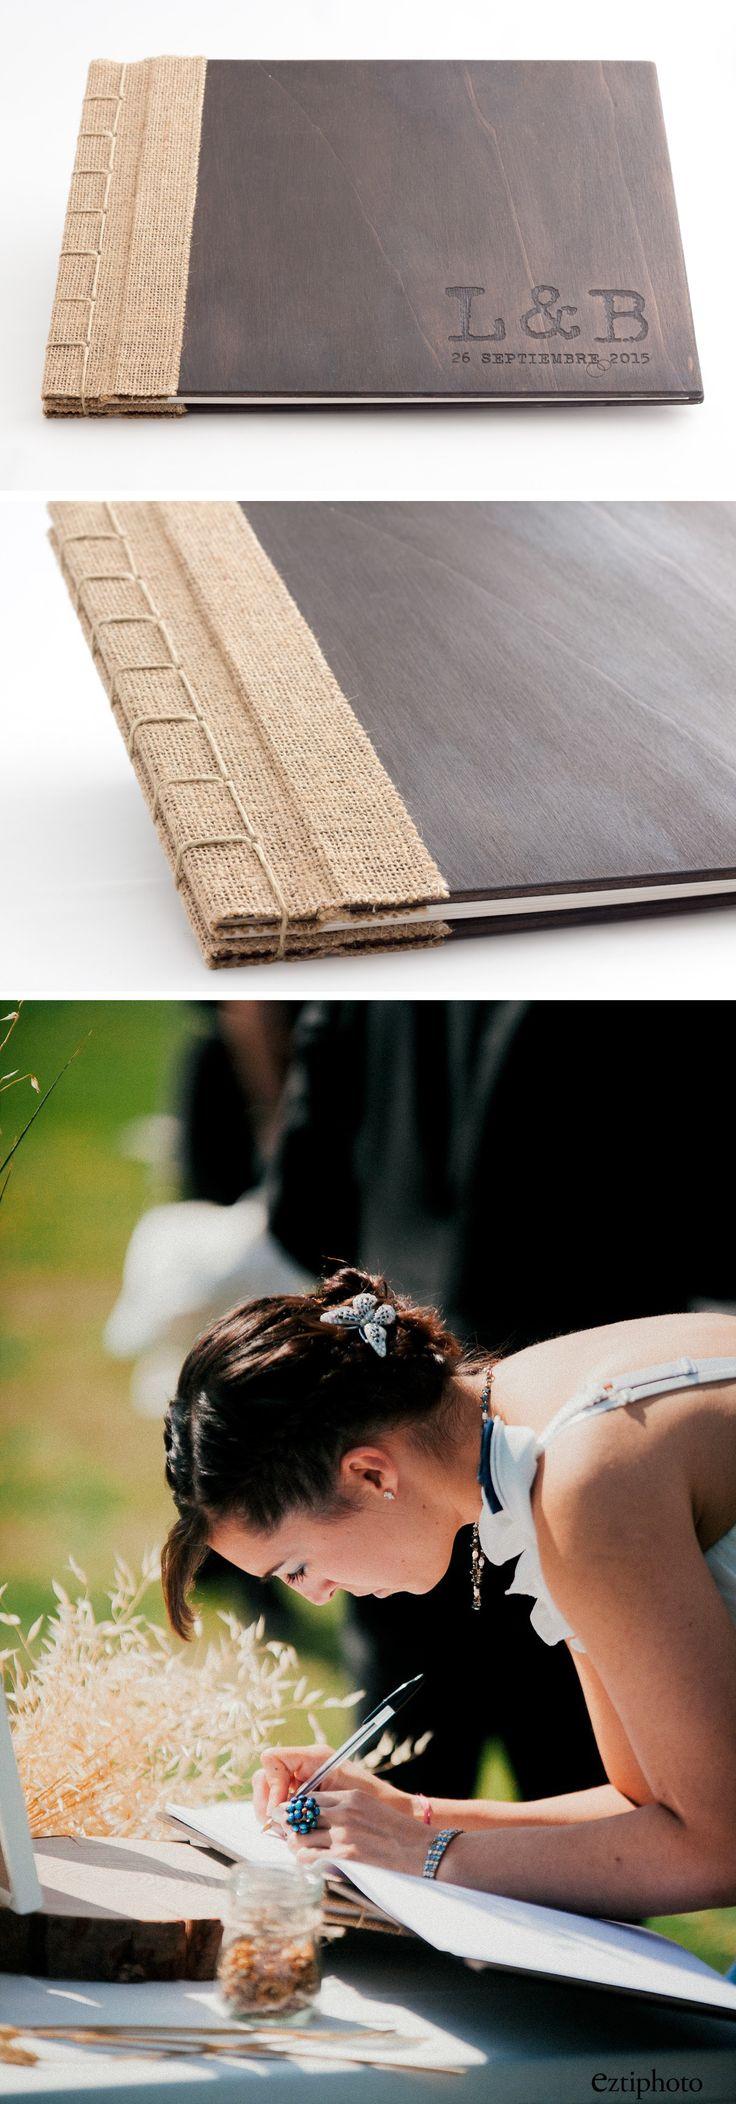 libro de firmas de madera y tela arpillera con encuadernación japonesa. Grabado…